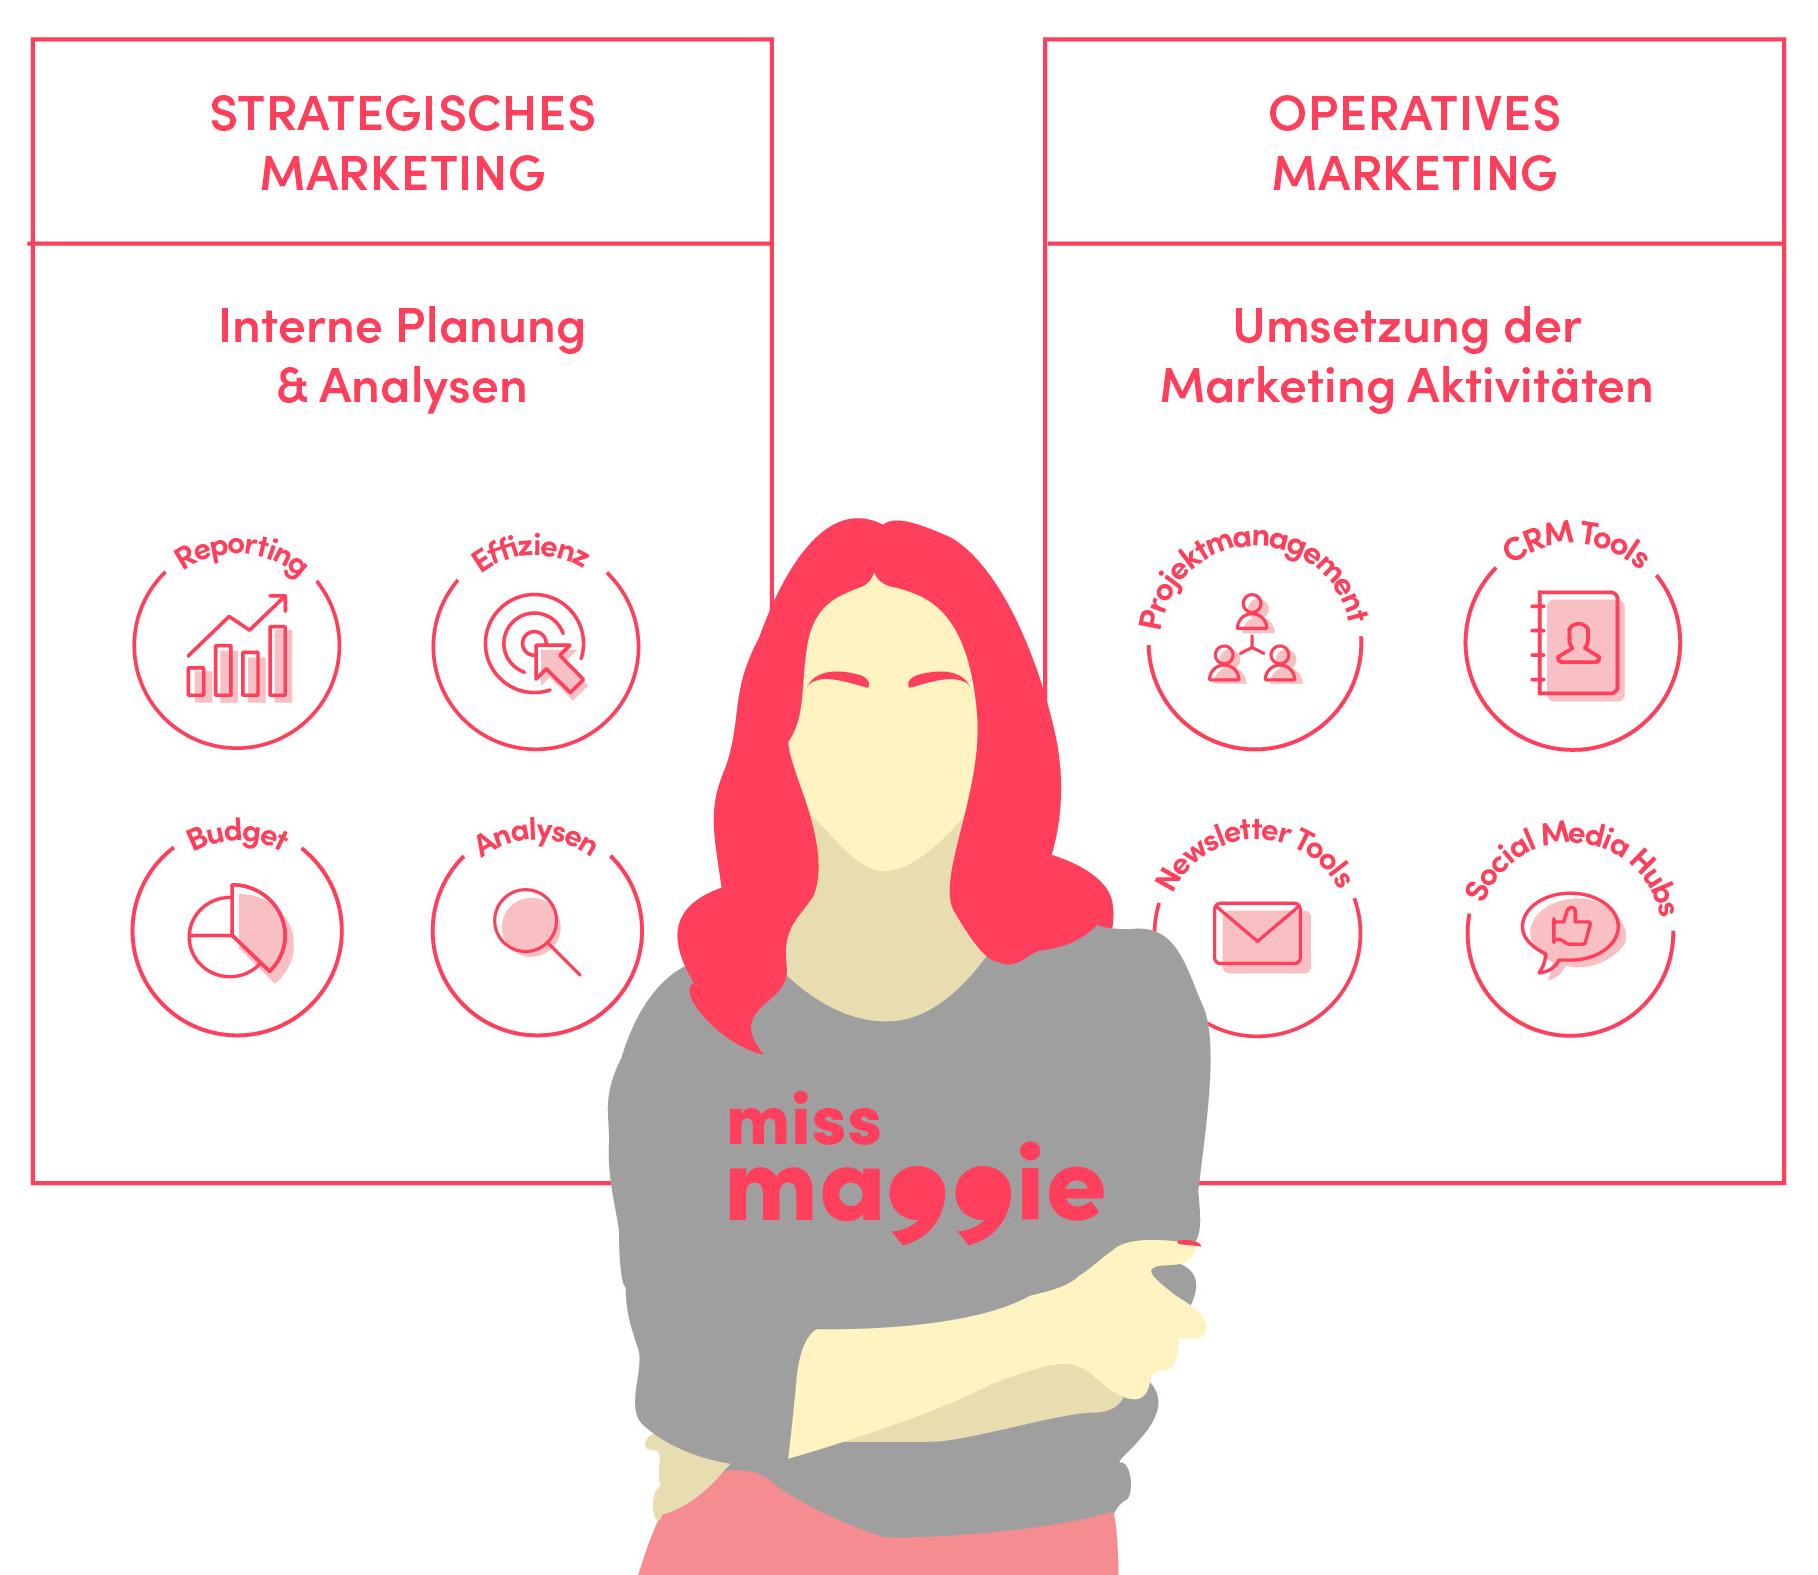 grafik mit miss maggie die erklärt dass sie strategisches und operatives marketing unterstützt